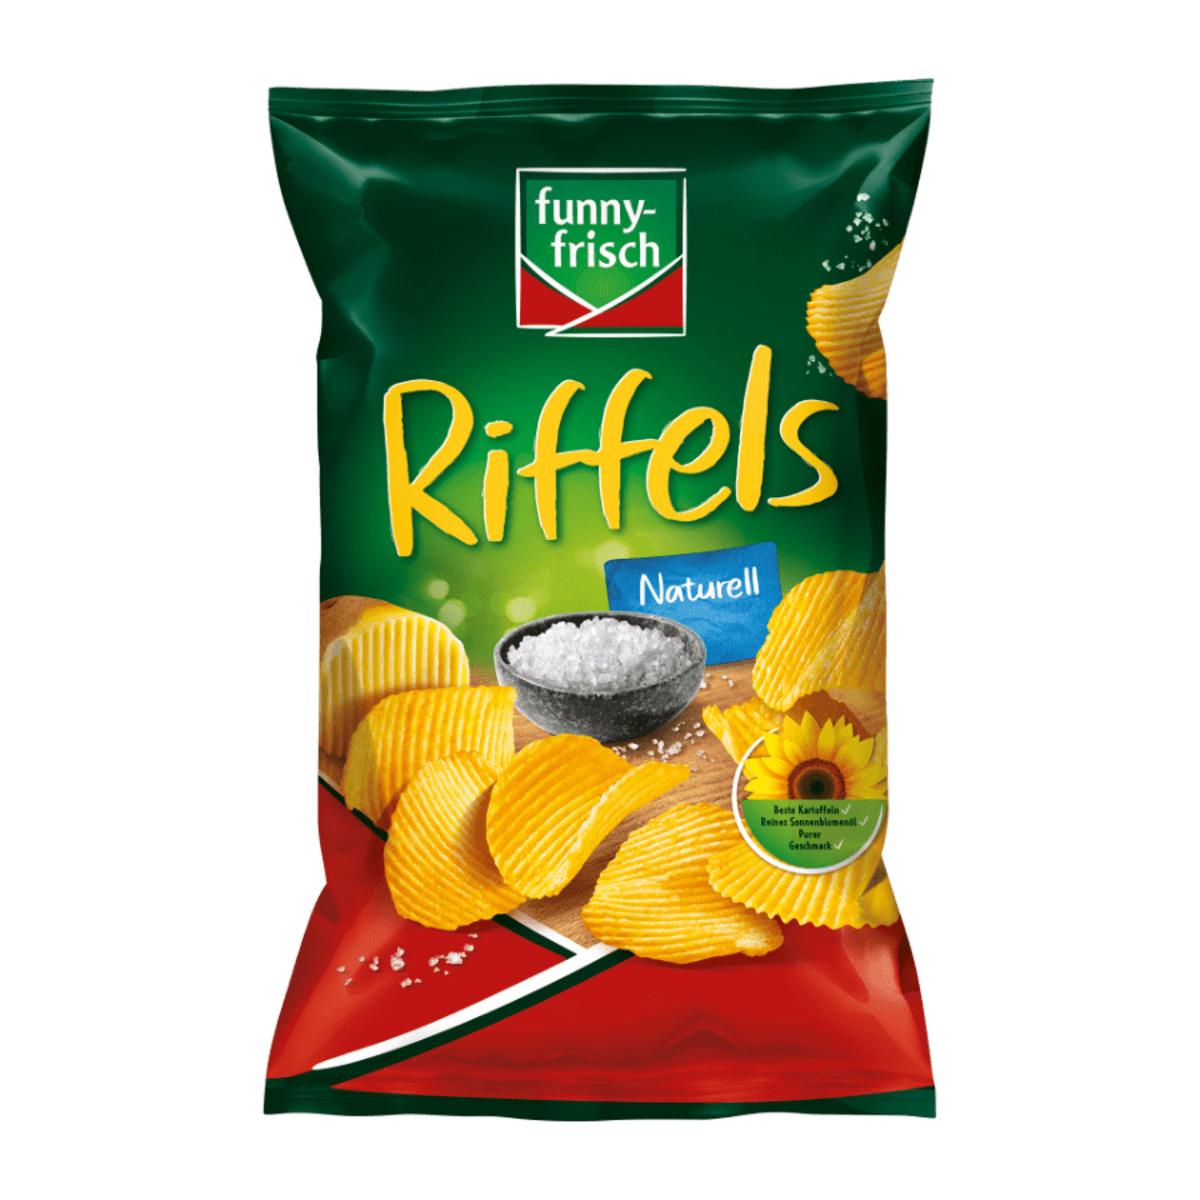 Bild 3 von FUNNY FRISCH     Ofen-Chips / Riffels